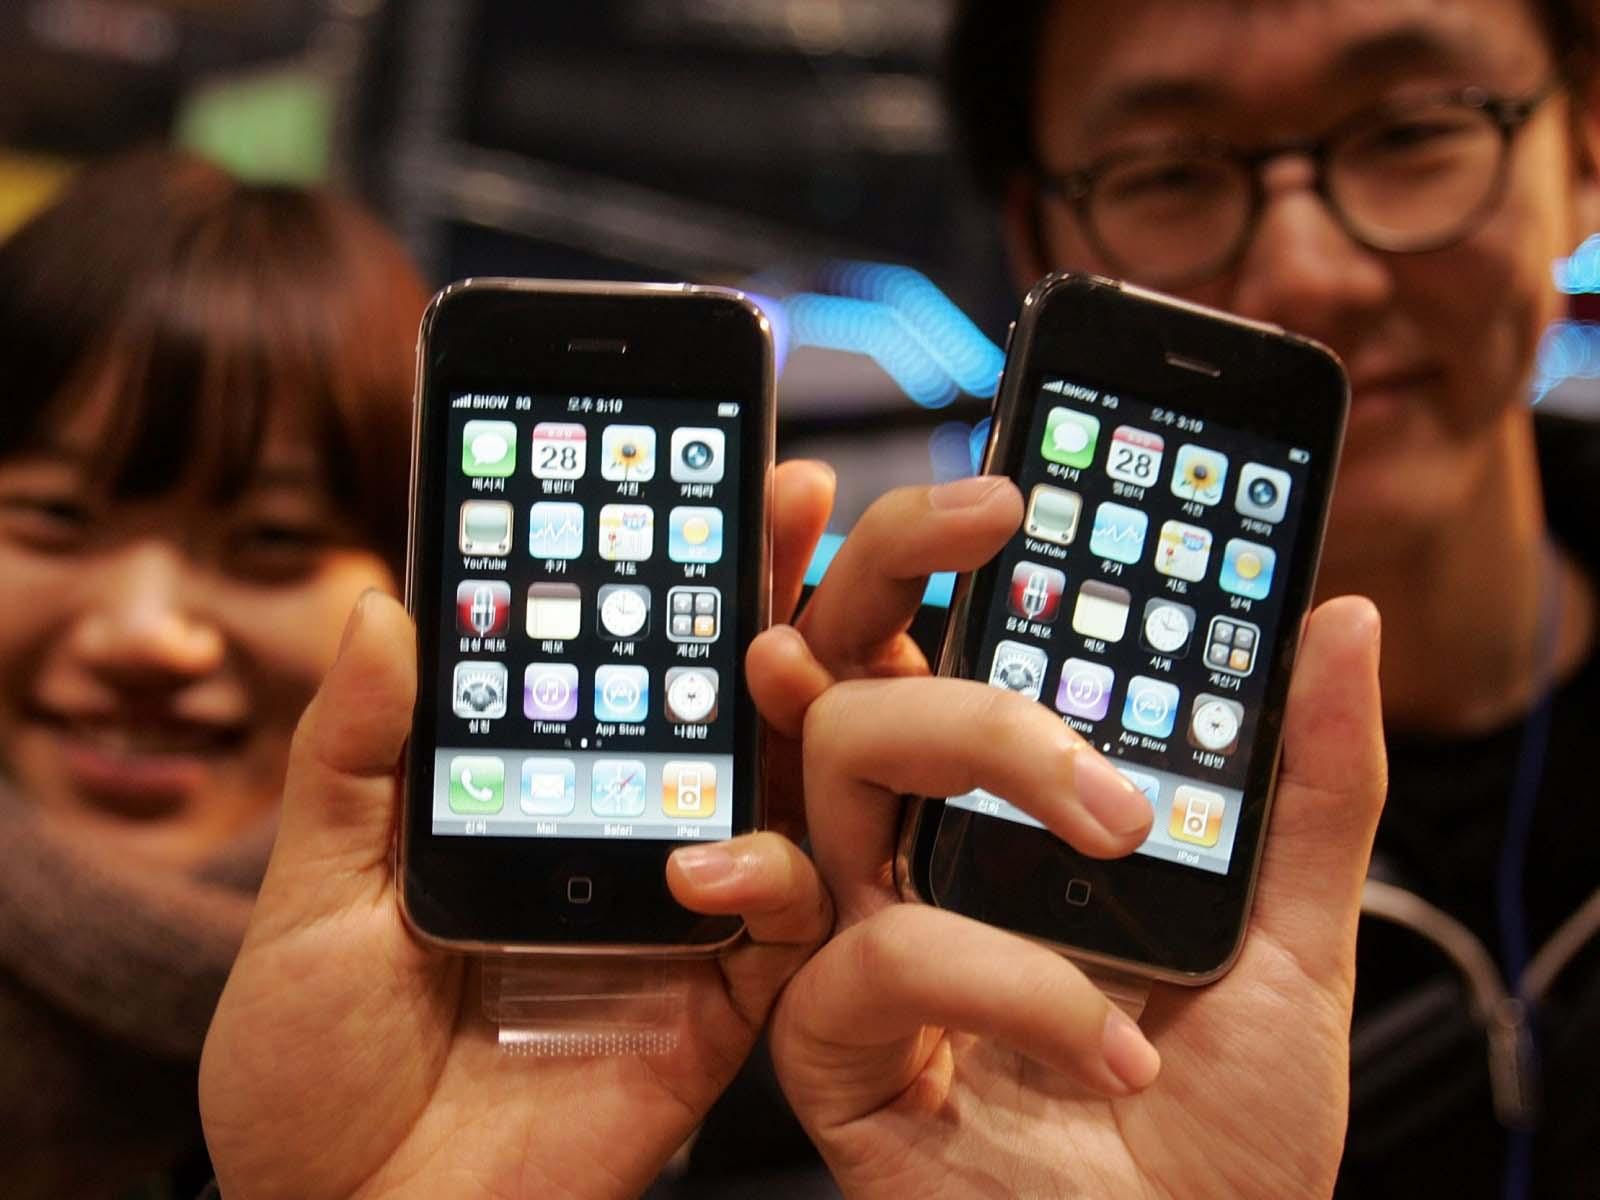 Hành trình 12 năm phát triển của iPhone - iPhone 3GS